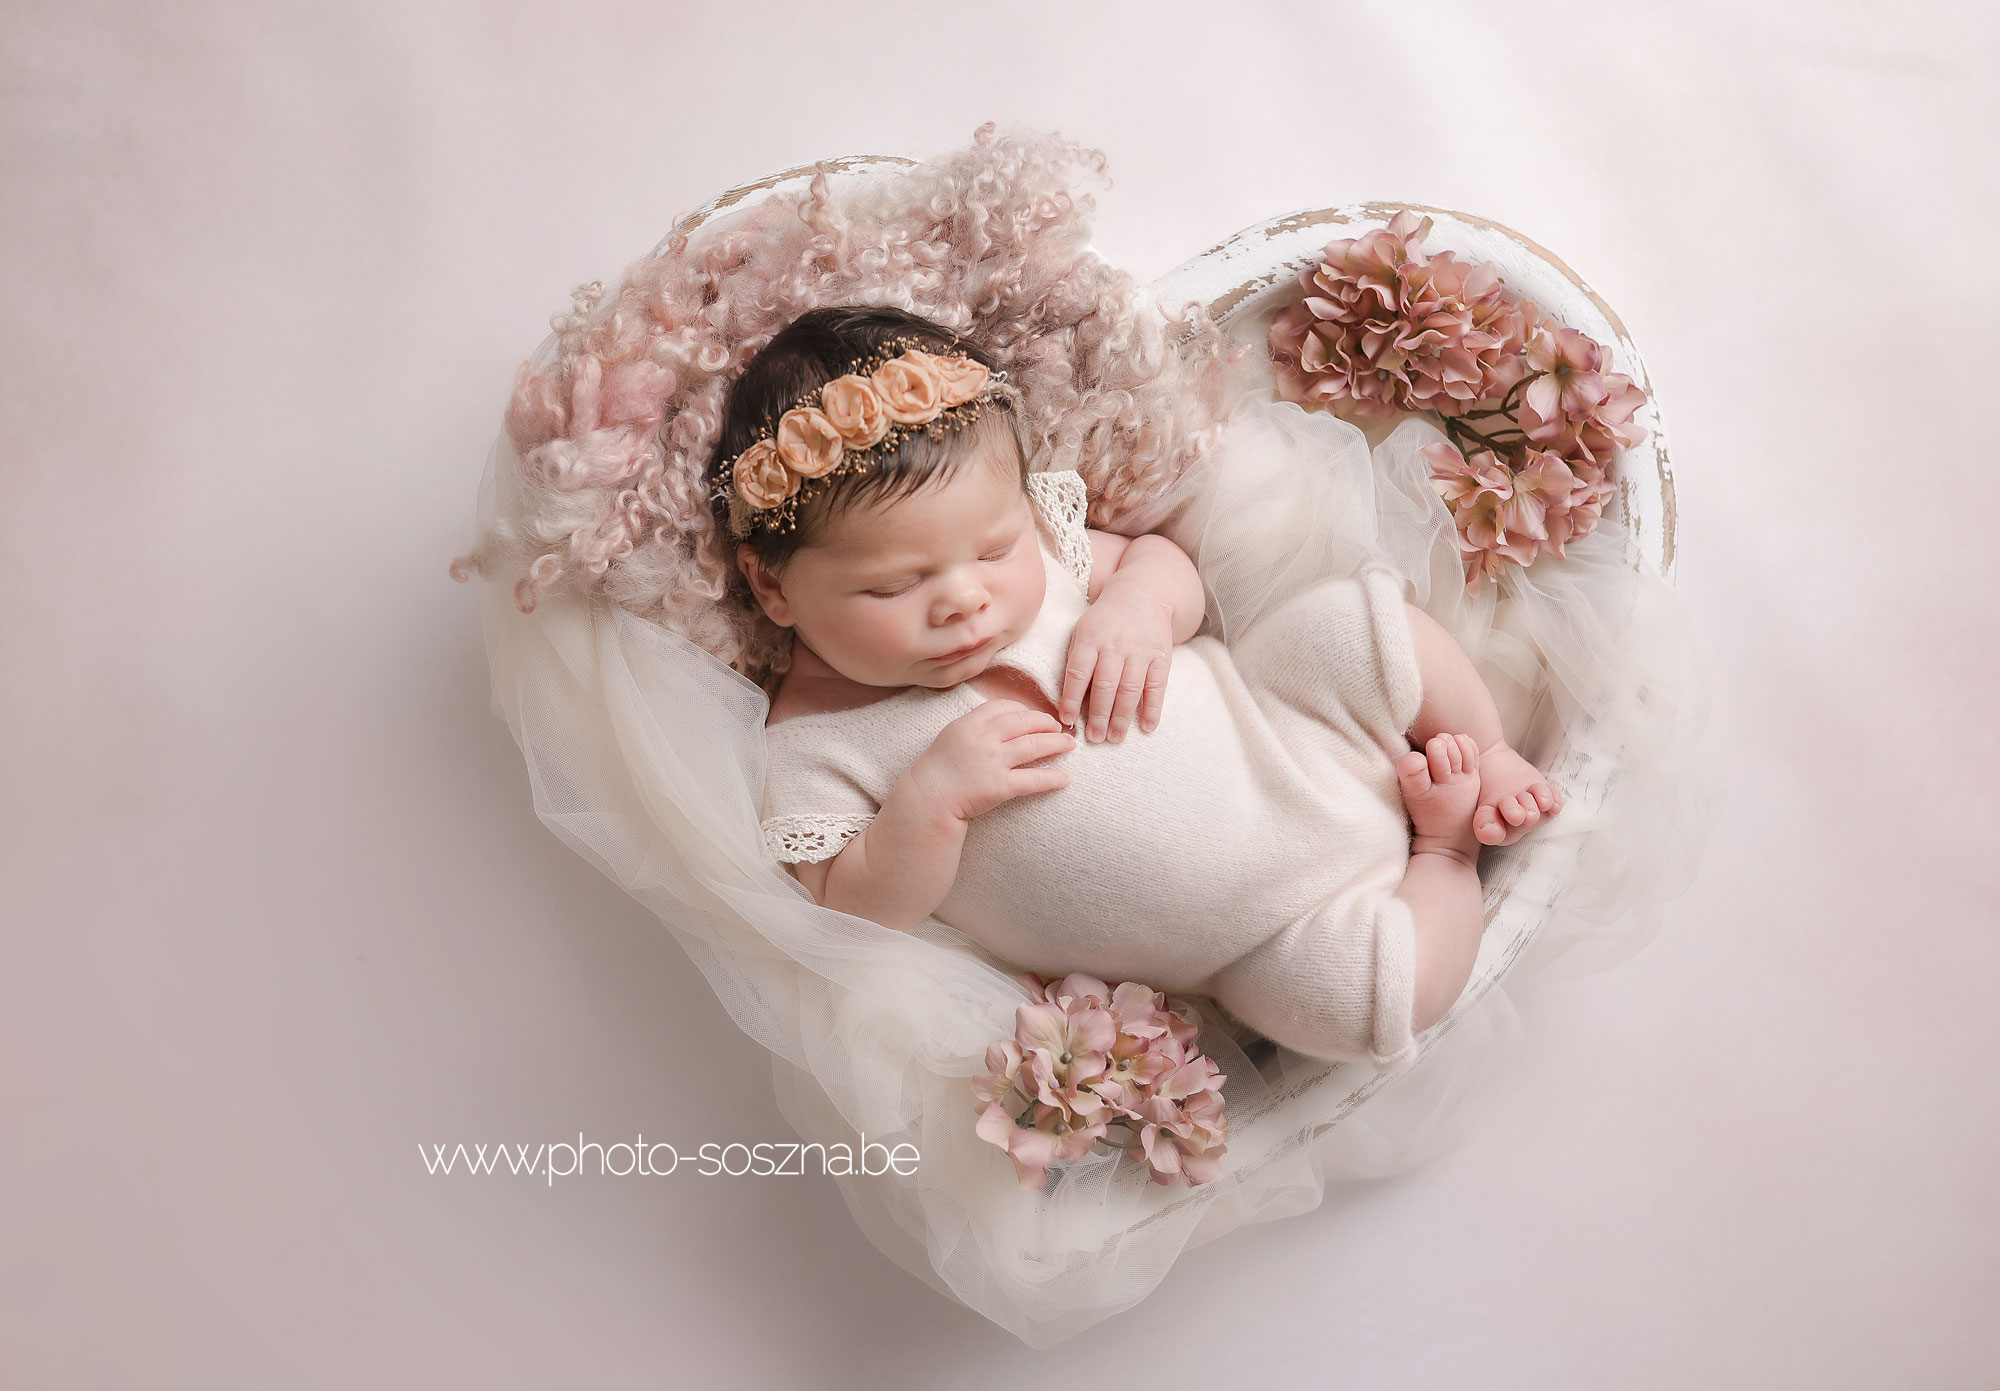 nouveau-né fille photo Belgique